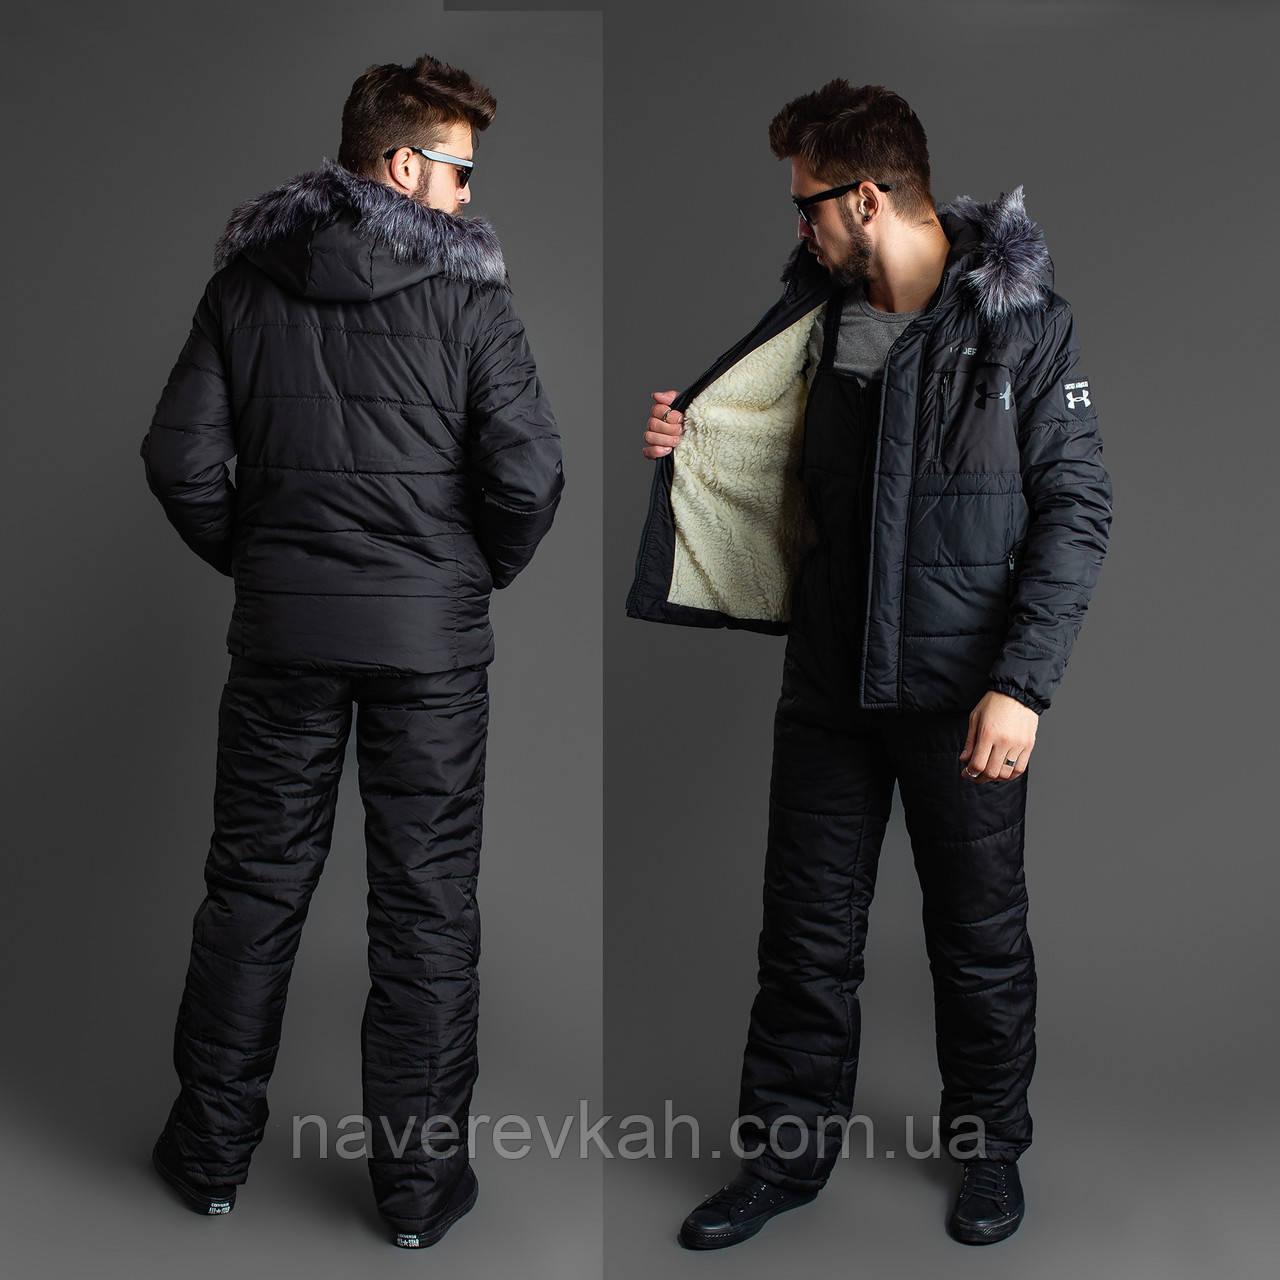 Мужской зимний лыжный костюм черный 46 48 50 52